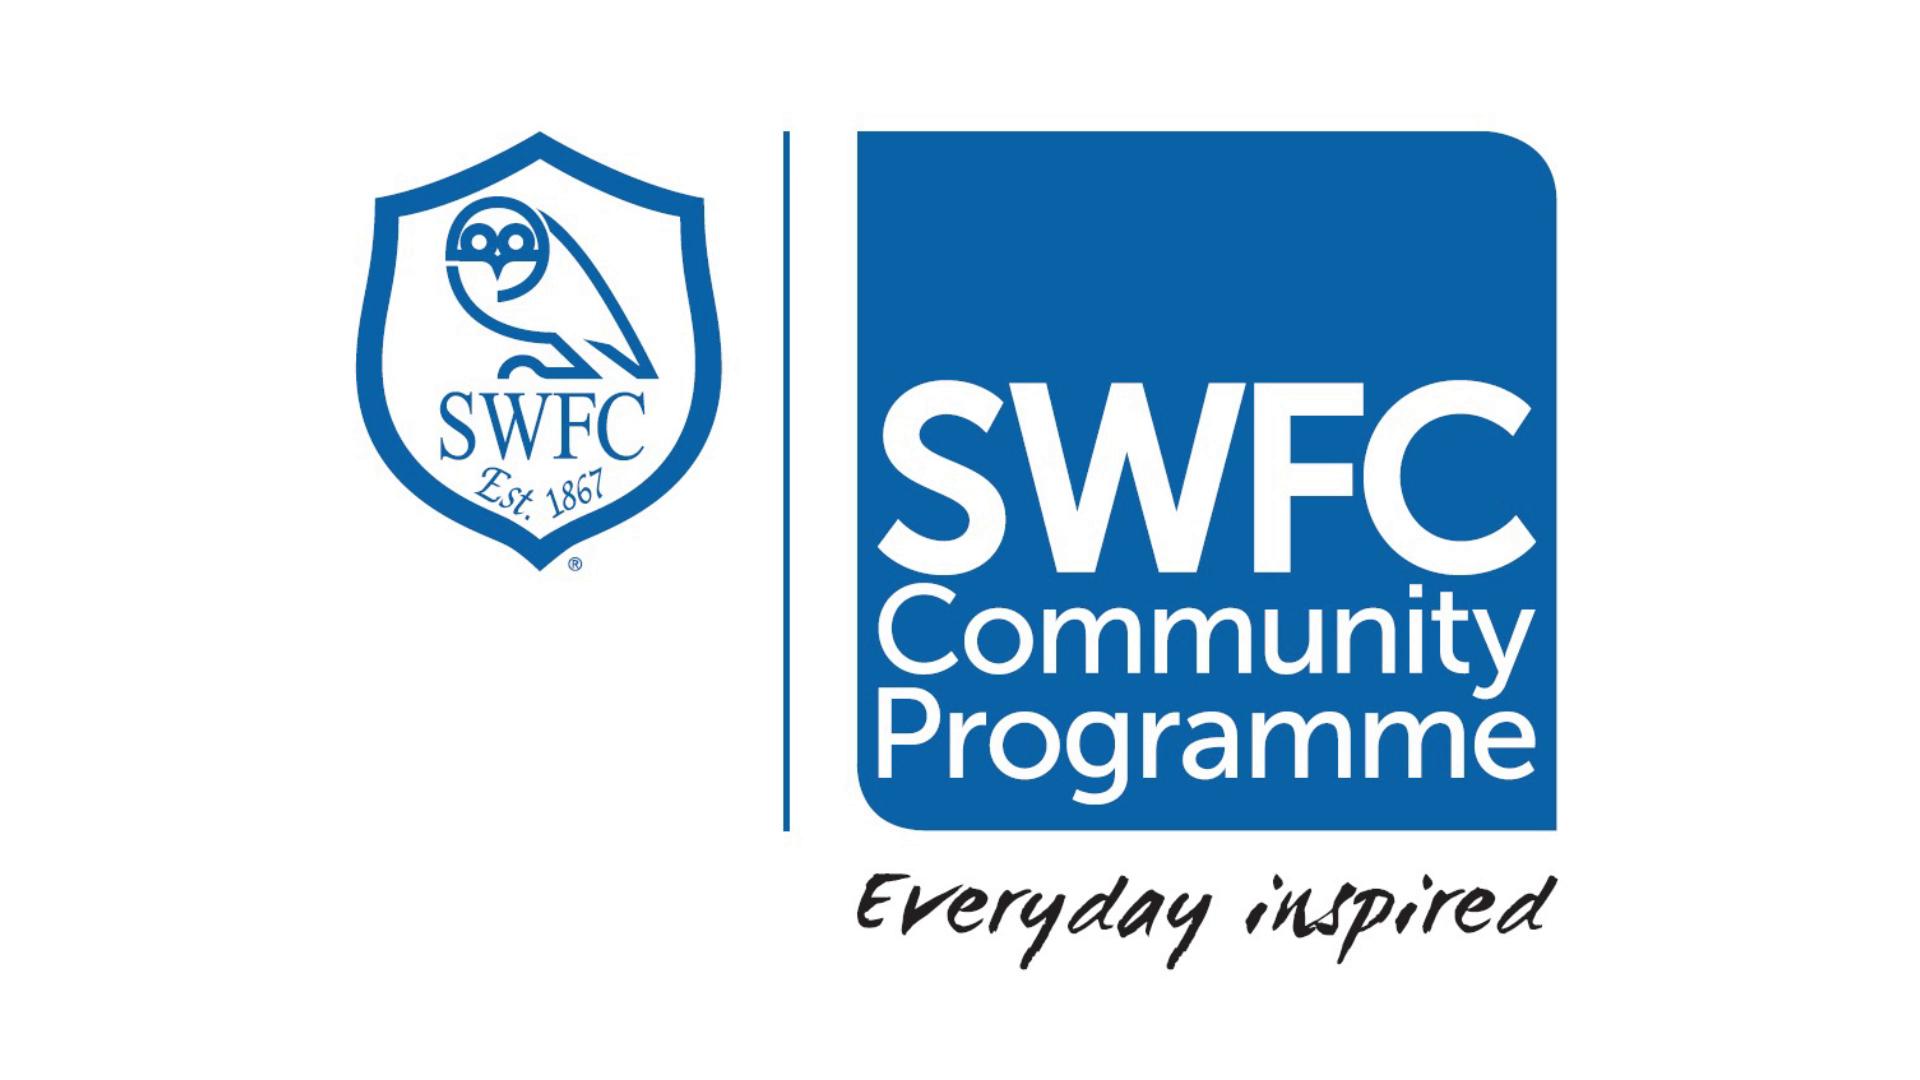 swfc commmunity.png